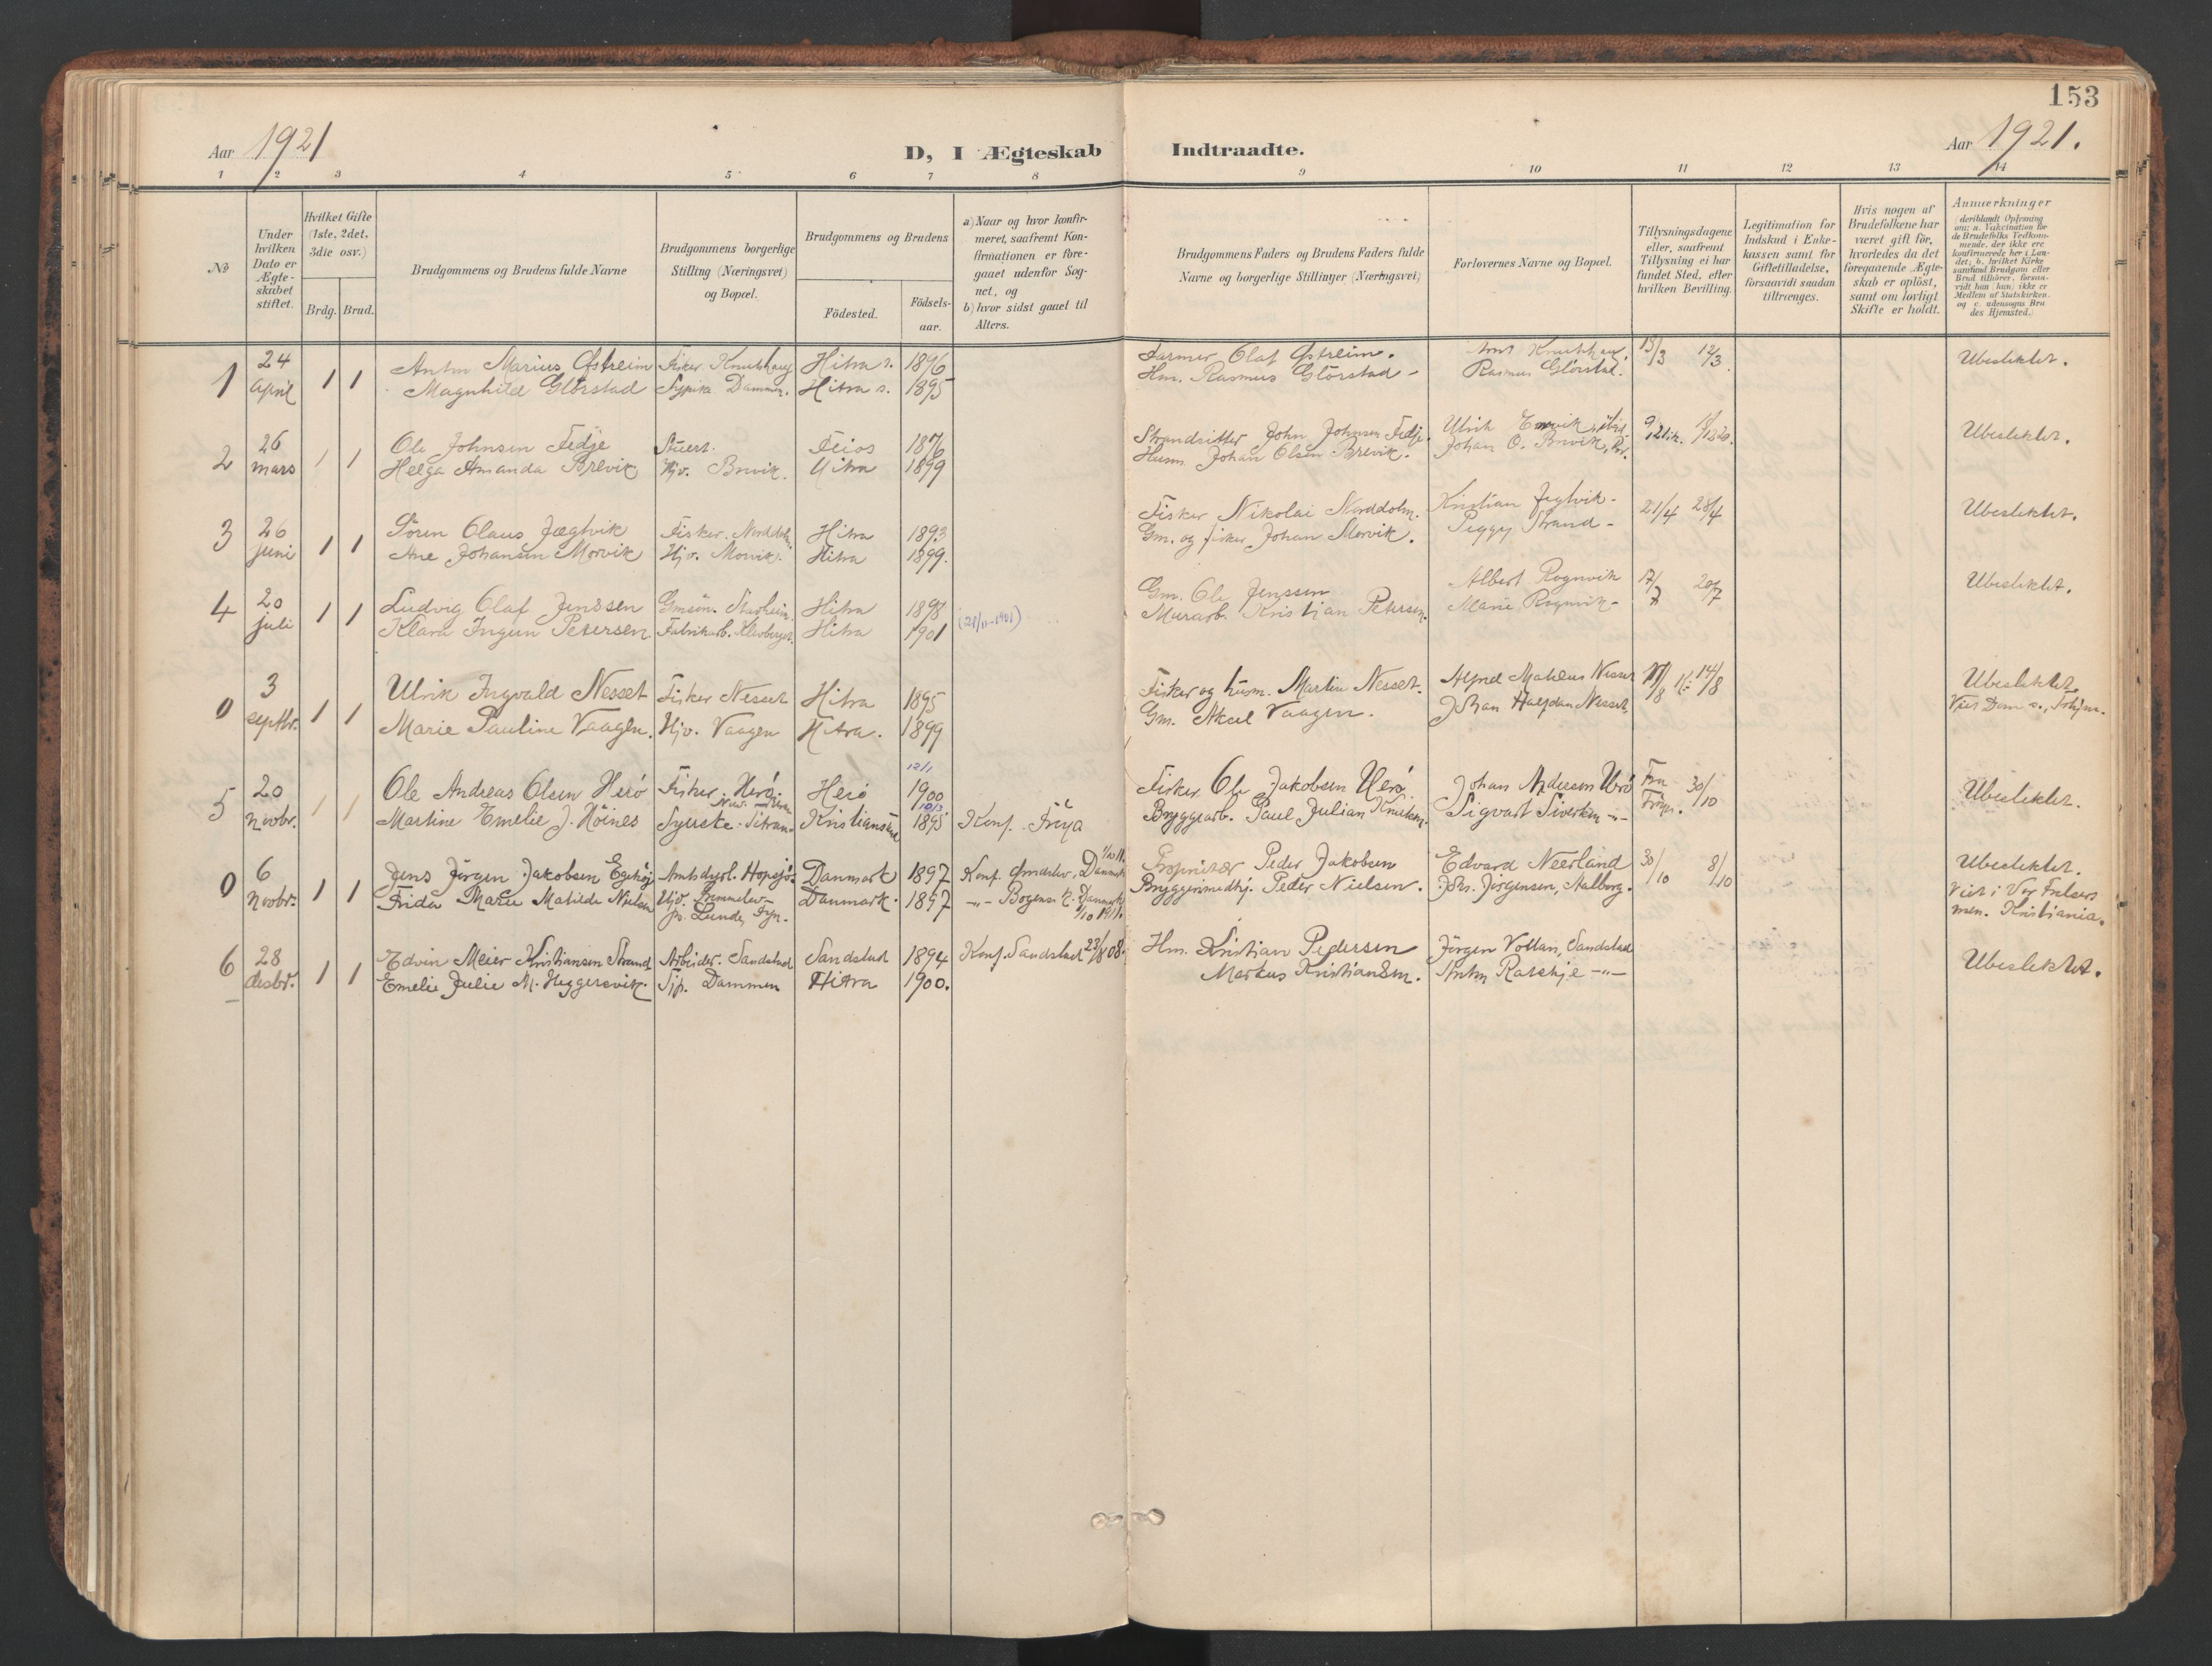 SAT, Ministerialprotokoller, klokkerbøker og fødselsregistre - Sør-Trøndelag, 634/L0537: Ministerialbok nr. 634A13, 1896-1922, s. 153